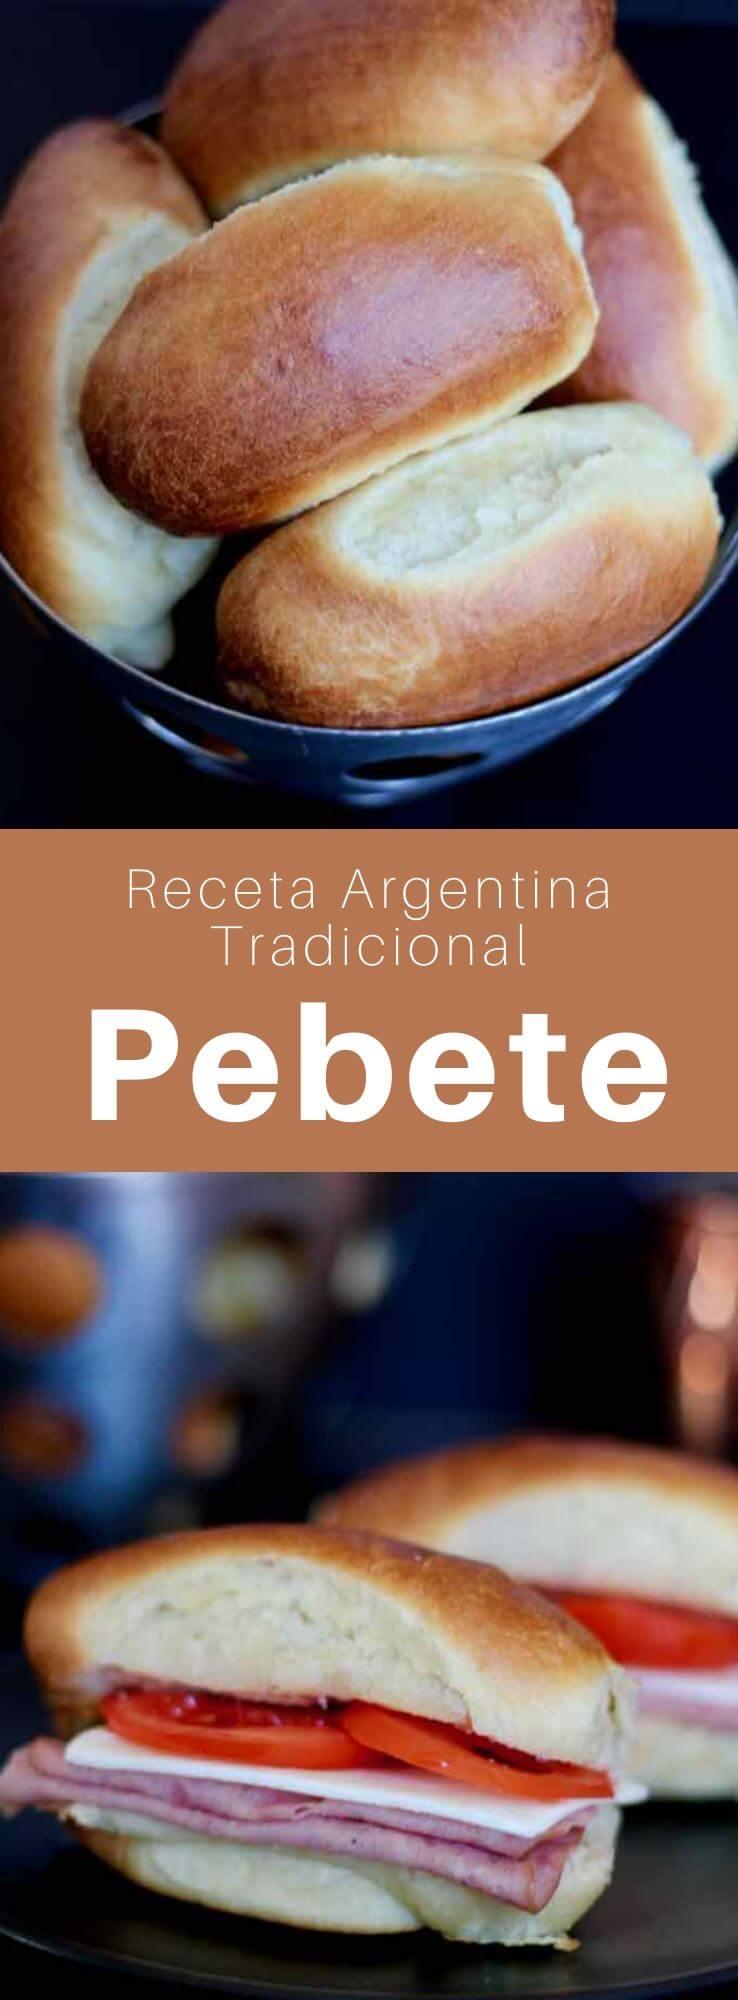 El pebete (o pan de Viena) es un bollo, típico de la cocina argentina y uruguaya, que se utiliza principalmente para preparar sándwiches.